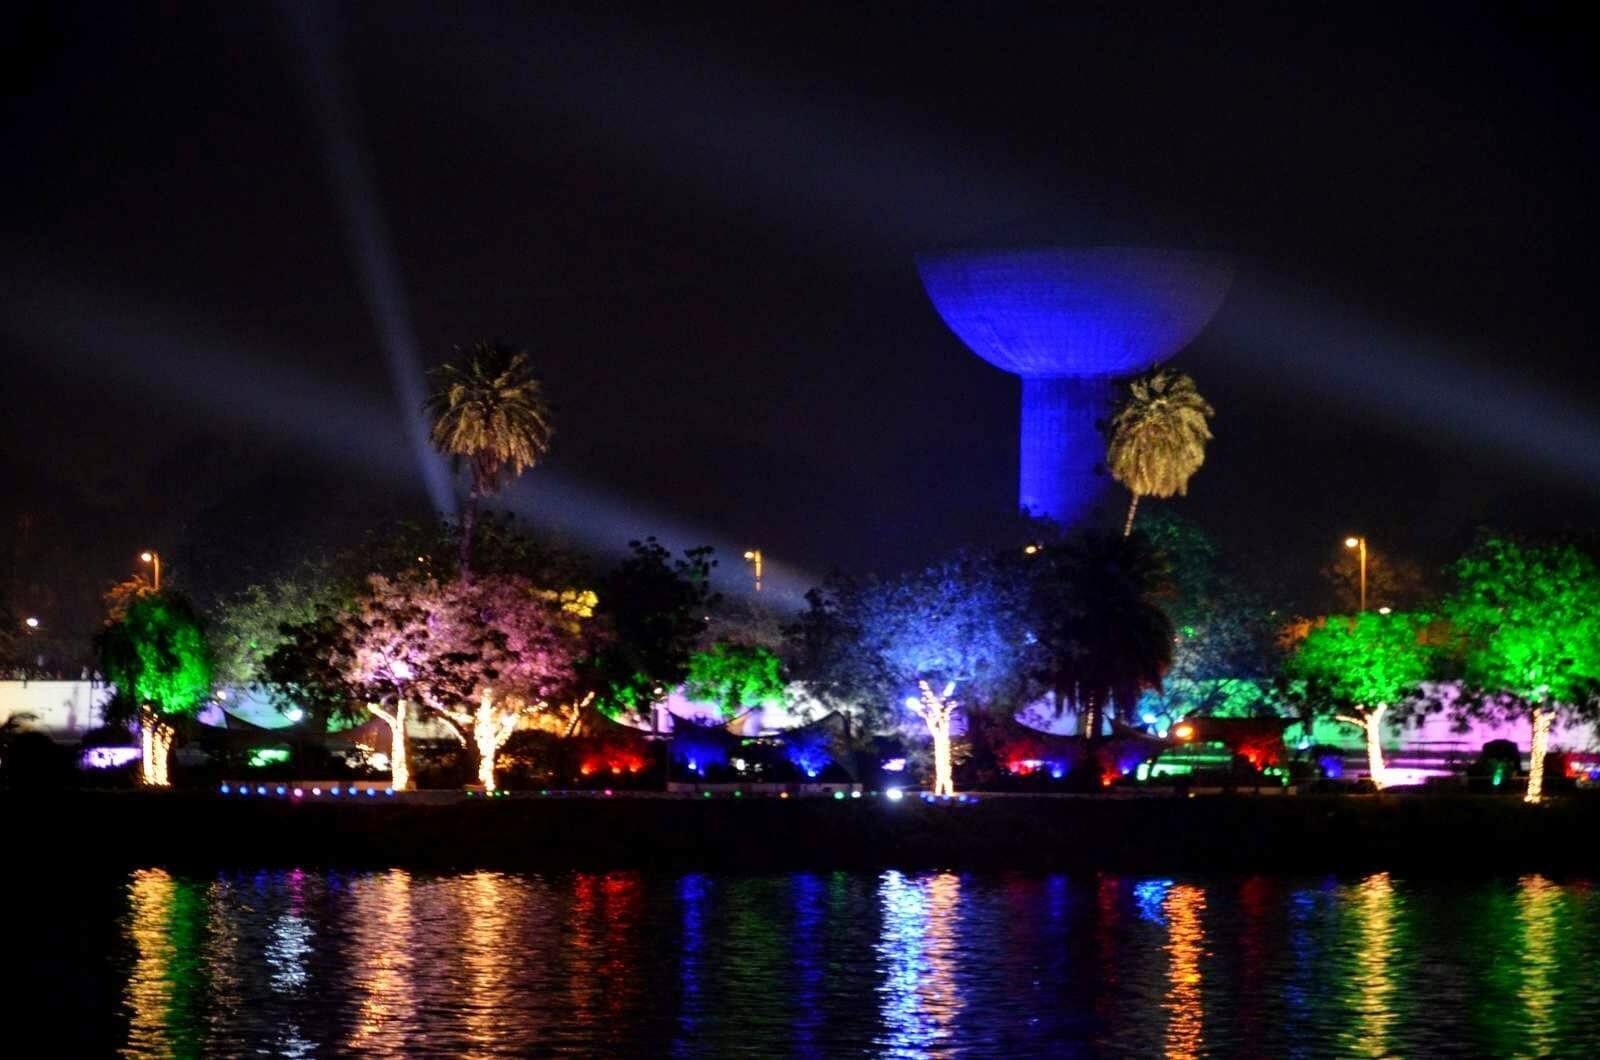 Kankaria lake at night                                            Image Credits:By Mahargh Shah